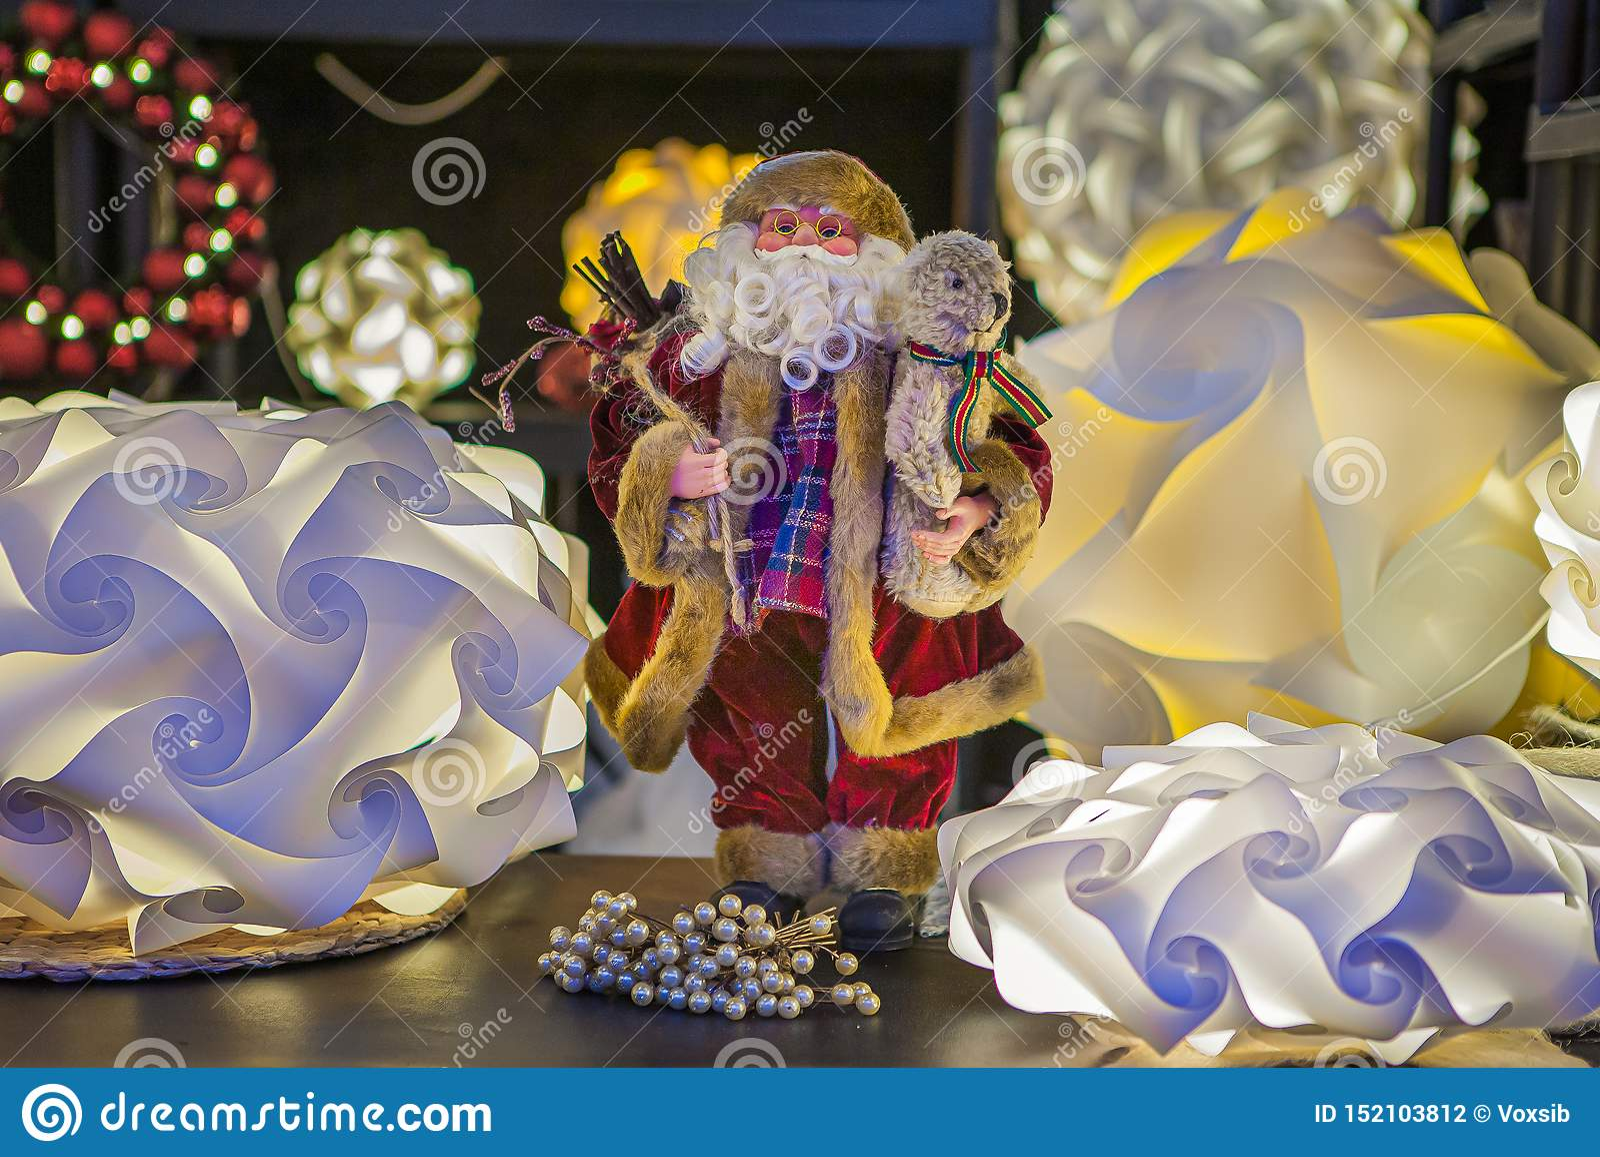 Santa Claus joyeuse, donne la joie